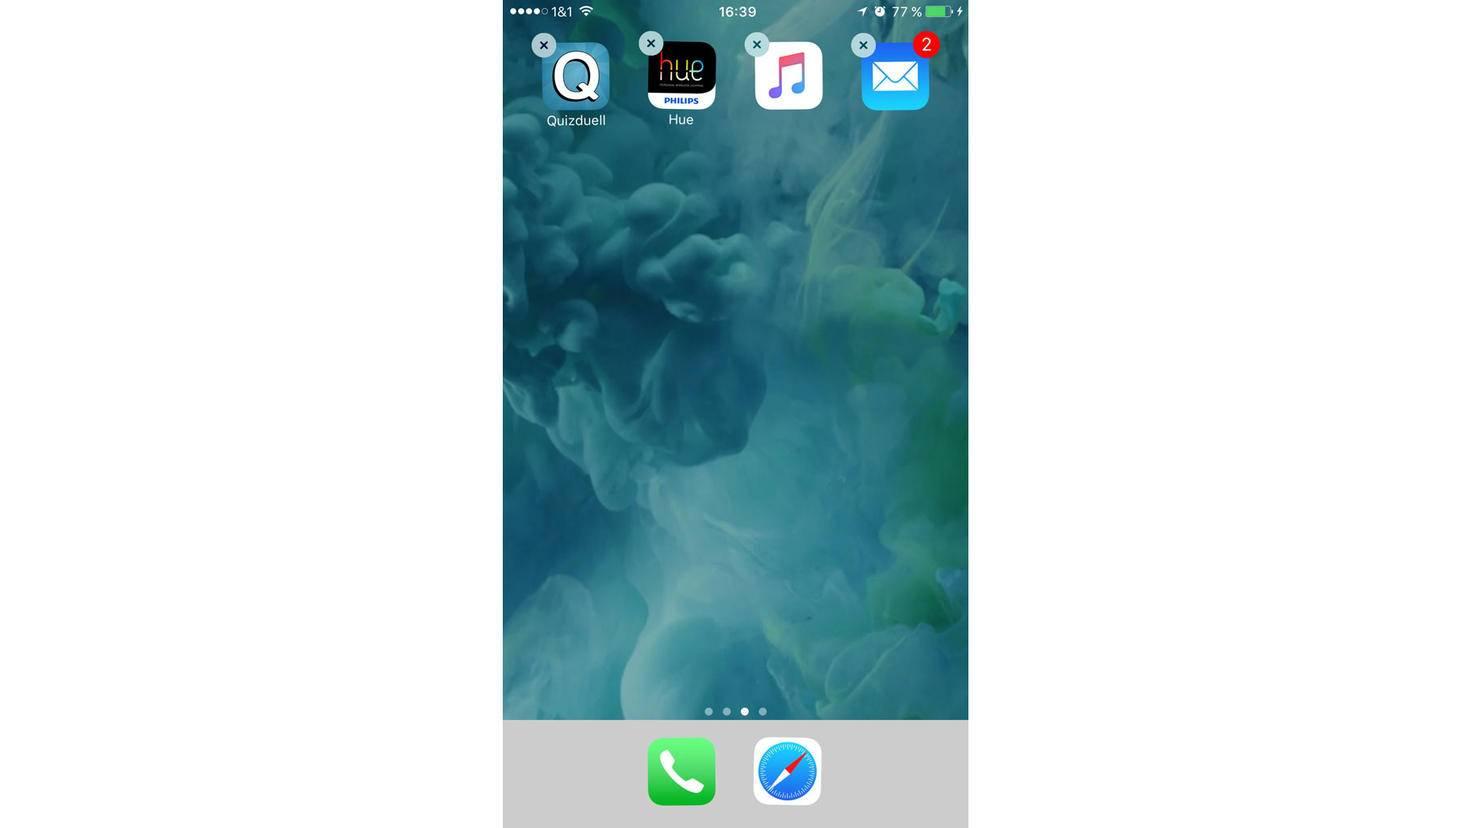 Die App-Symbole ohne Bezeichnung können jetzt einfach auf dem Home-Screen platziert werden.